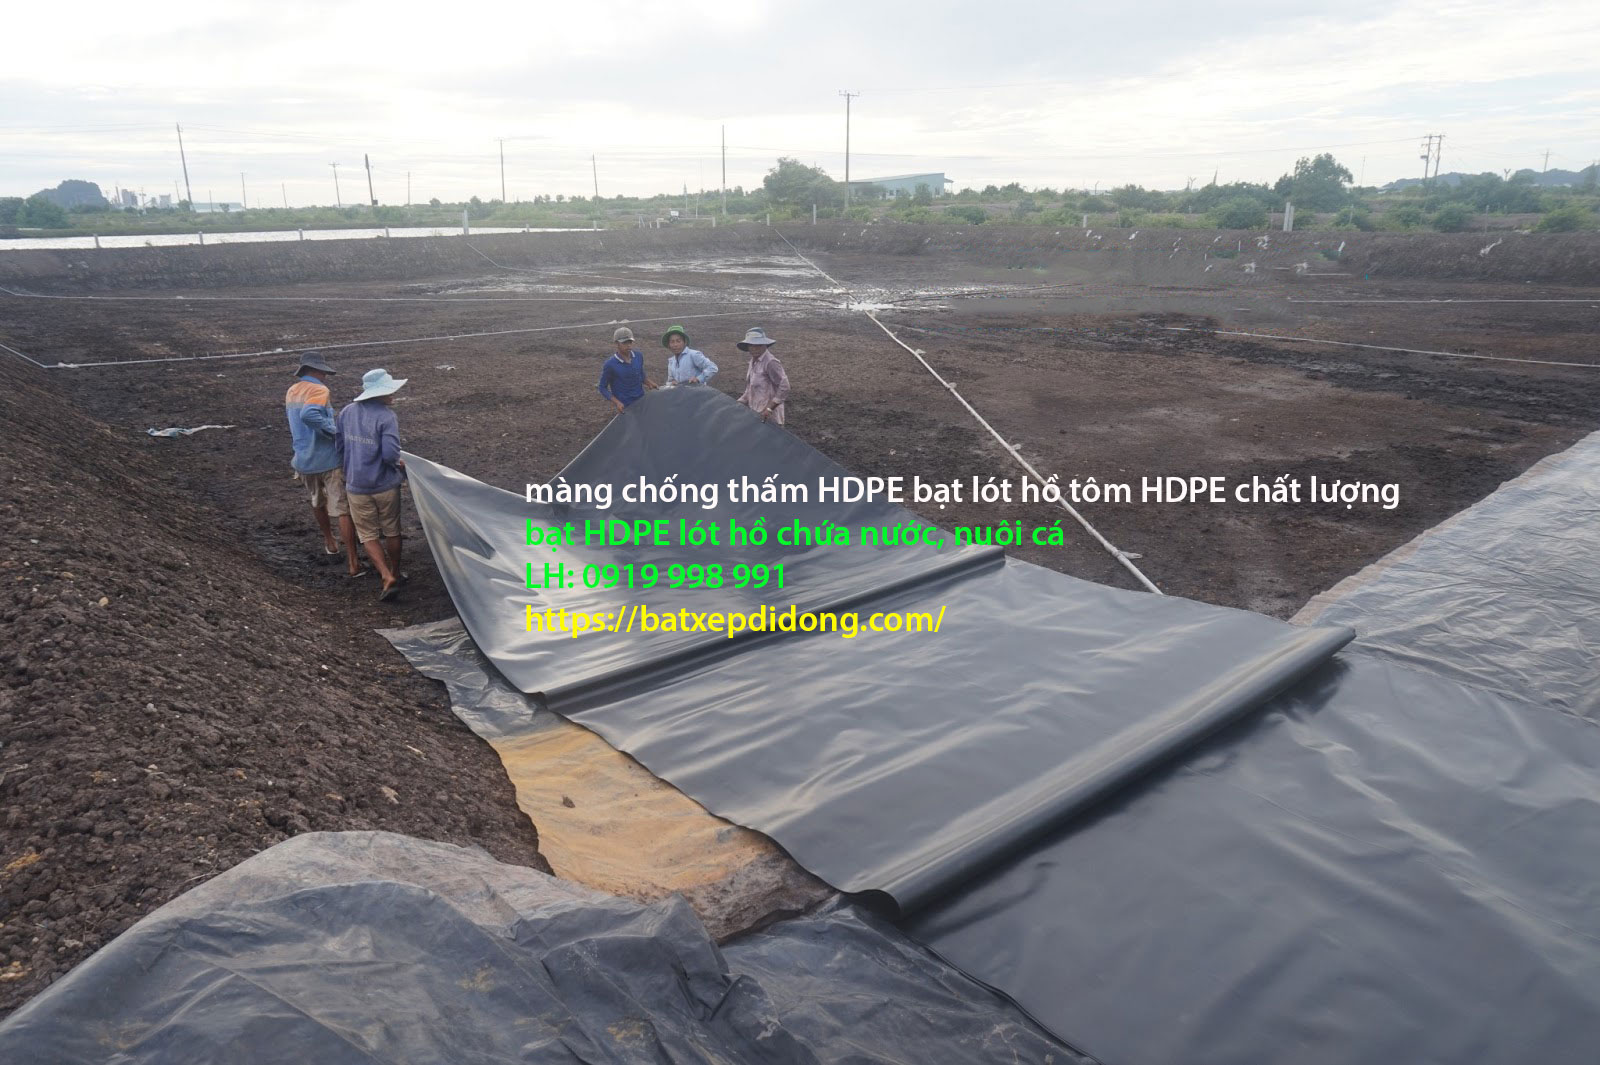 Bạt Lót Hồ Chứa Nước Đắk LắK - Bạt Nhựa HDPE Chống Thấm Giá Rẻ